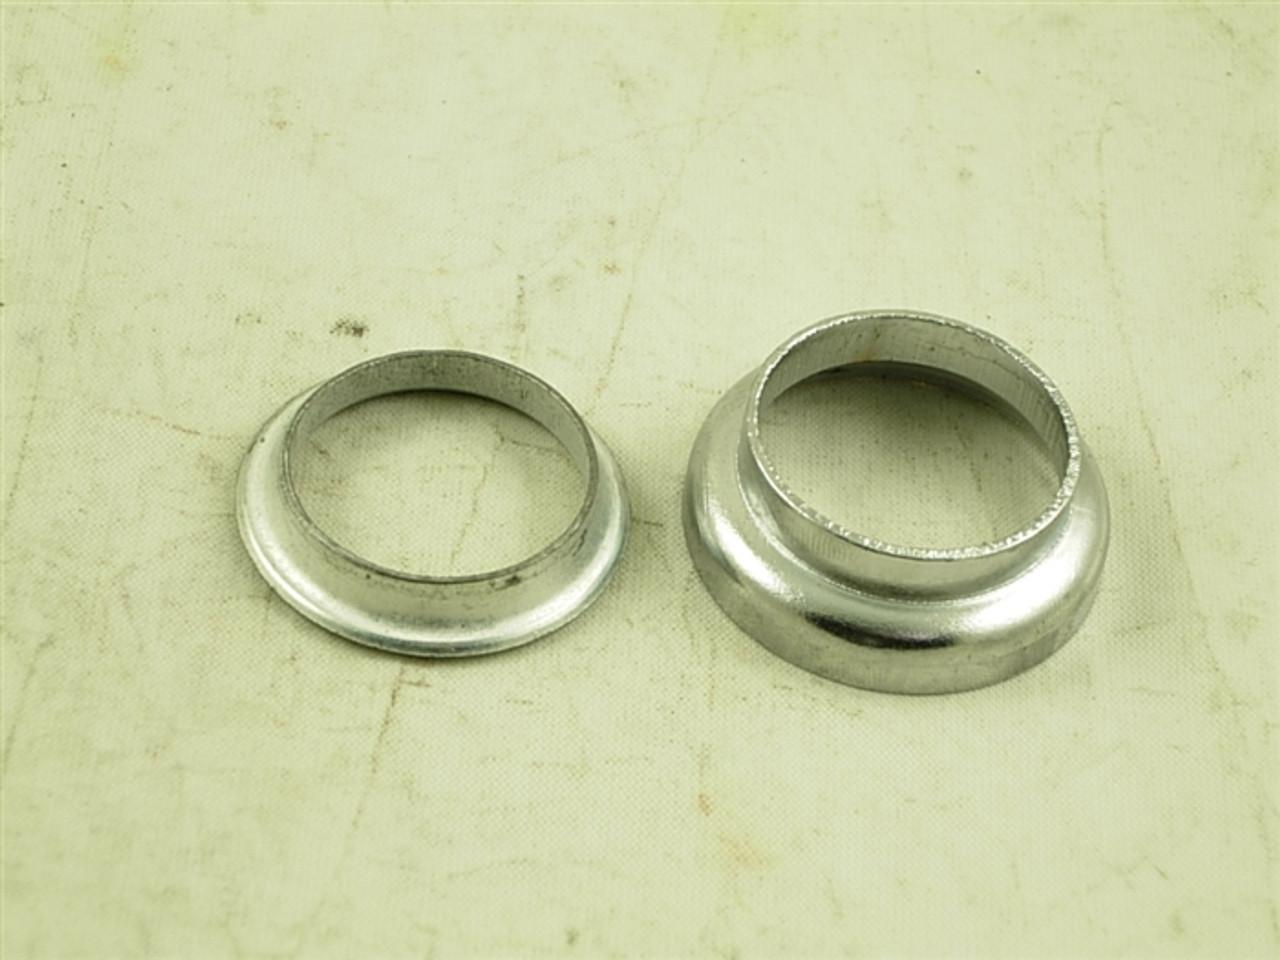 STEERING SHAFT RINGS 11130-A63-14